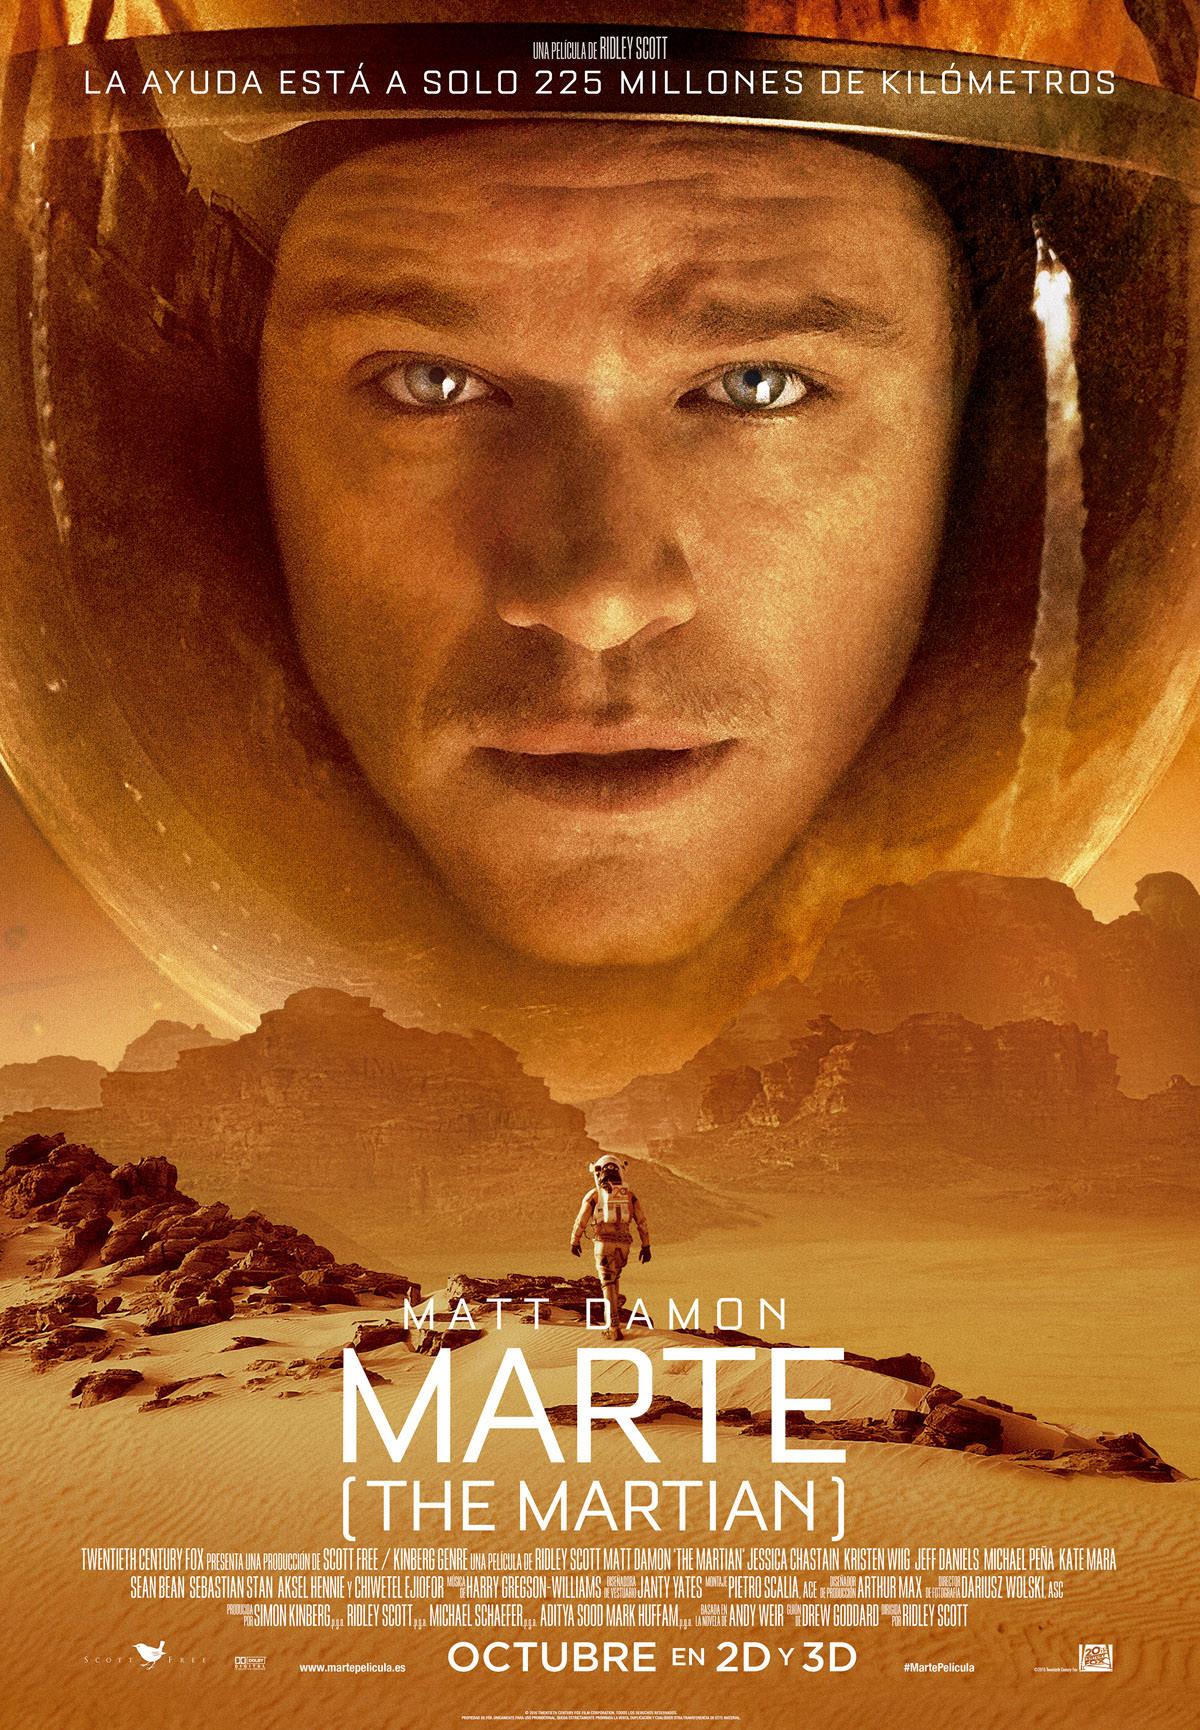 Marte (The Martian), Robinson en Marte